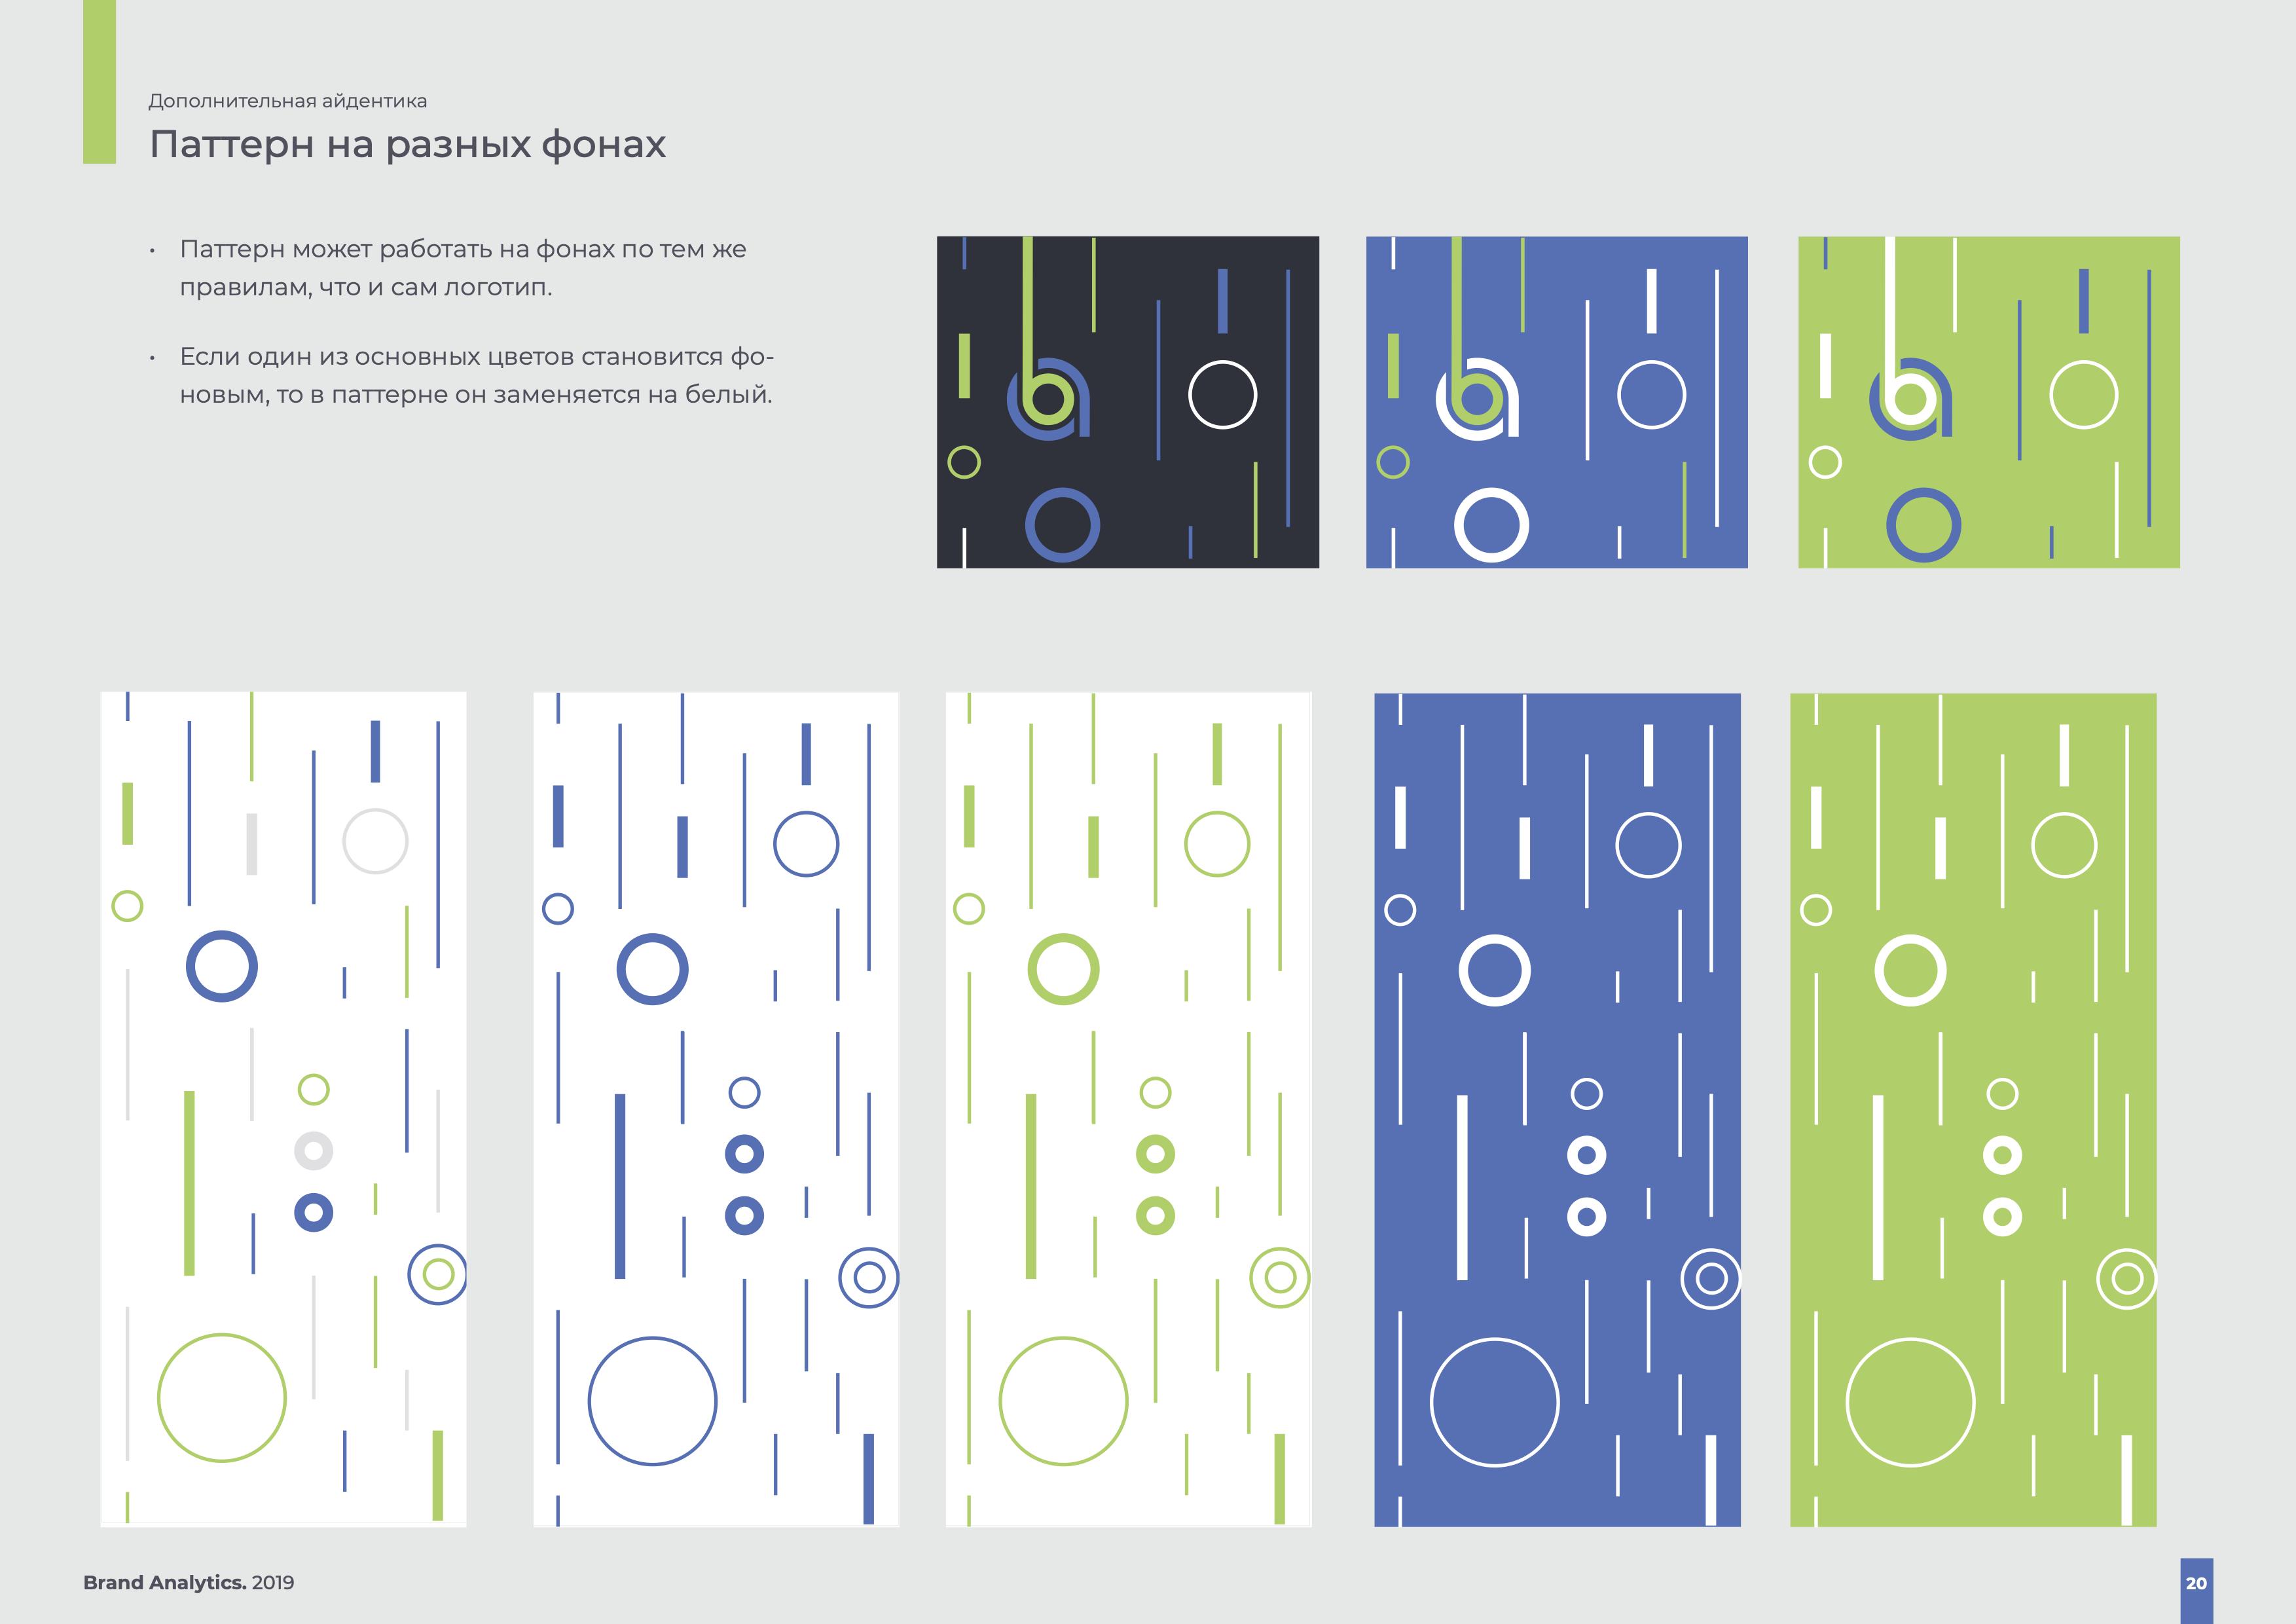 Brand Analytics - паттерн на разных фонах